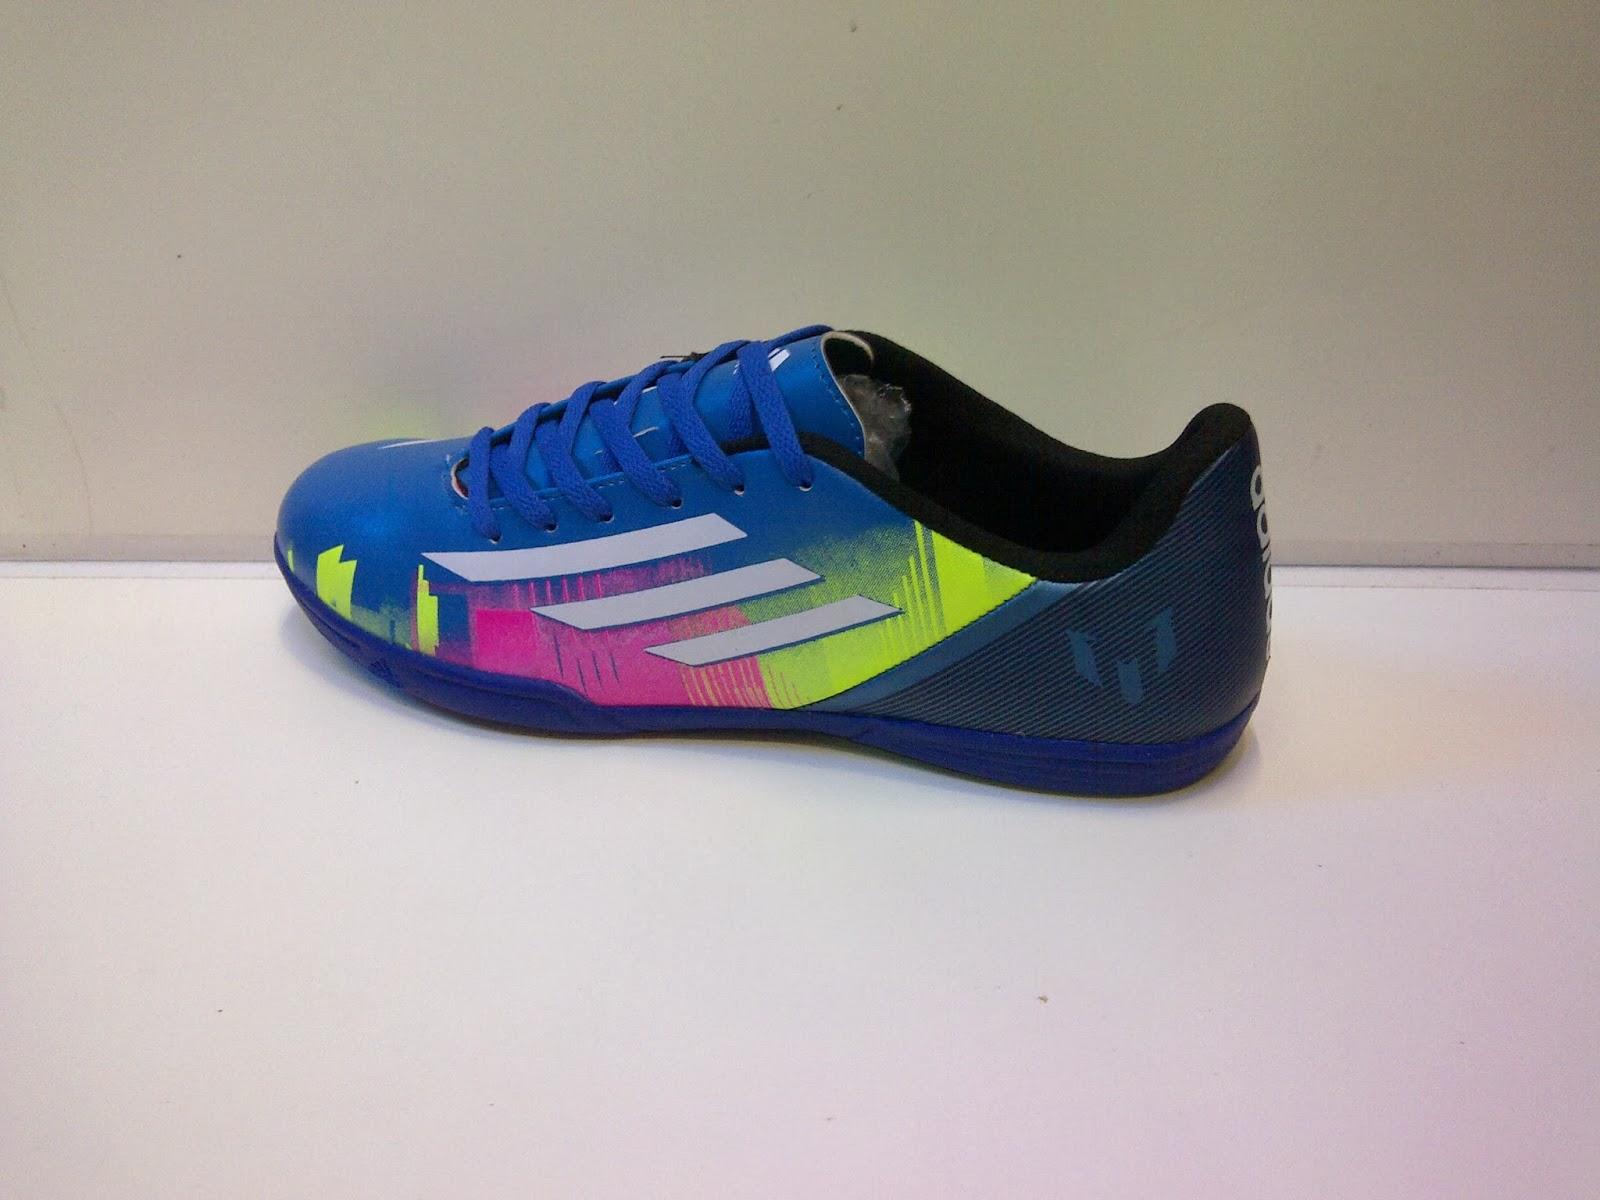 Sepatu Futsal Adidas F50 Adizero IV IC,grosir sepatu Adidas F50 Adizero IV IC,toko online Sepatu Adidas F50 Adizero IV IC